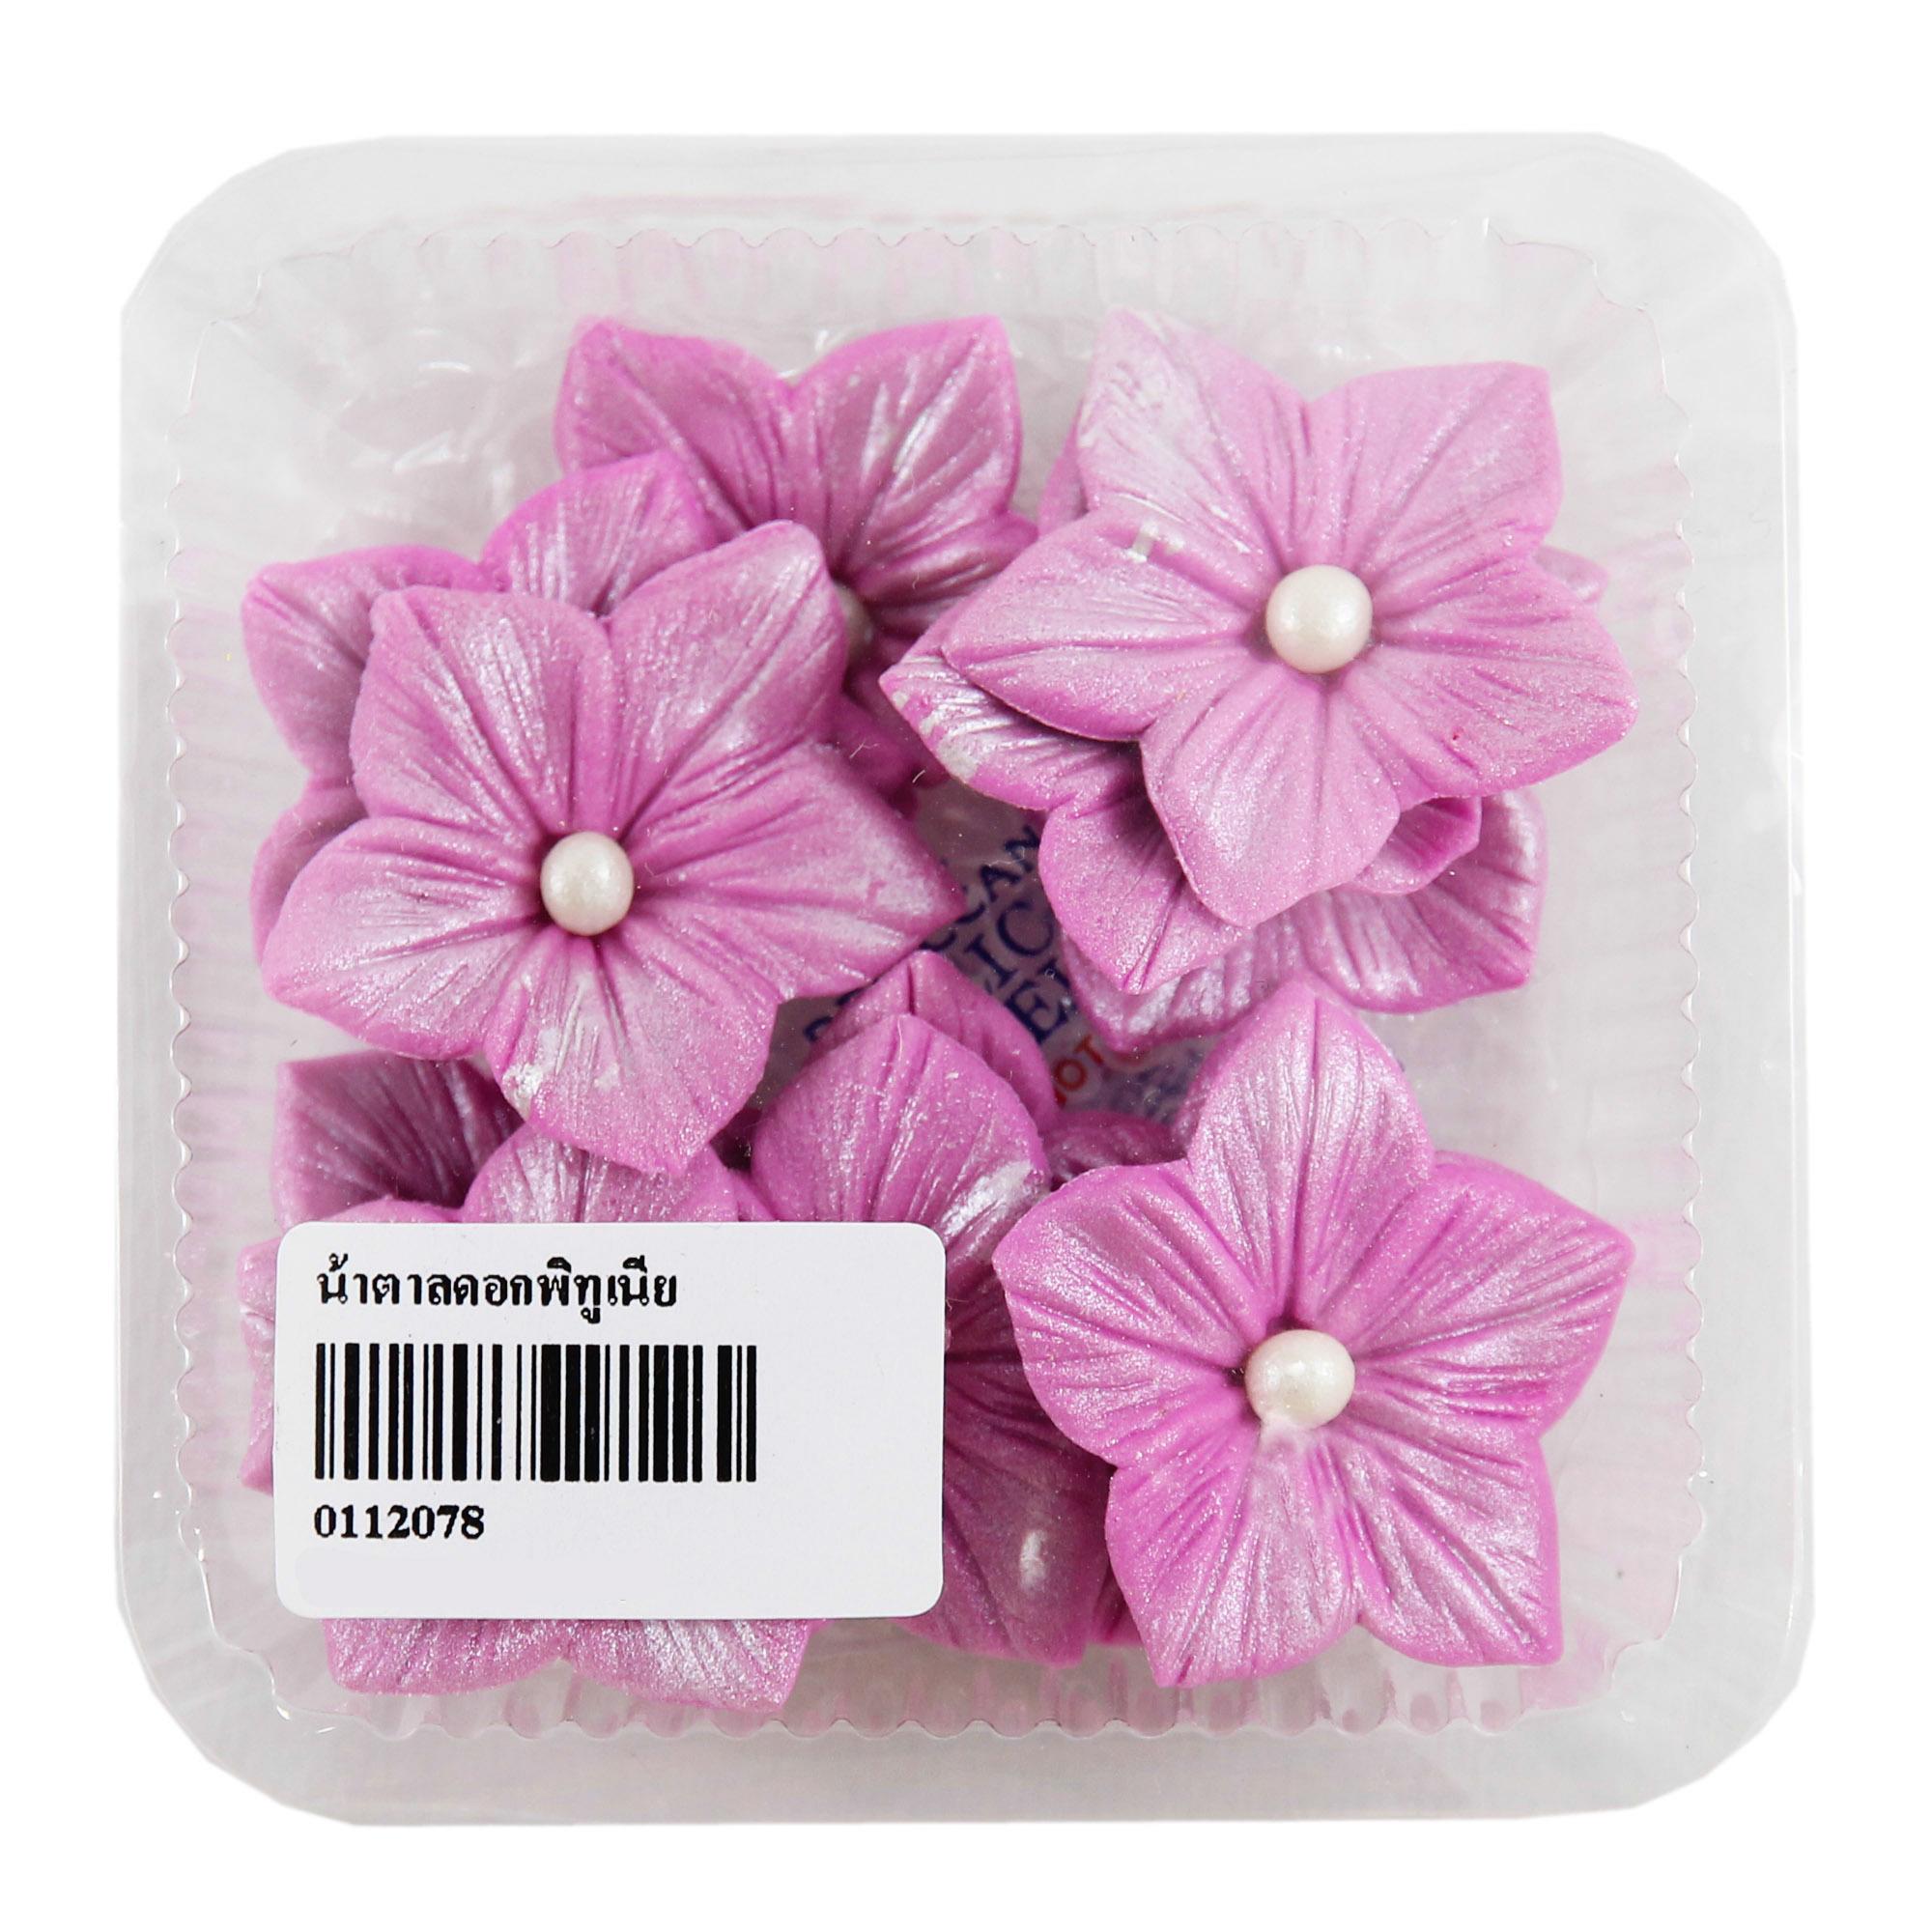 น้ำตาลรูปดอกพิทูเนีย สีม่วง (น้ำตาลตกแต่งหน้าเค้ก)